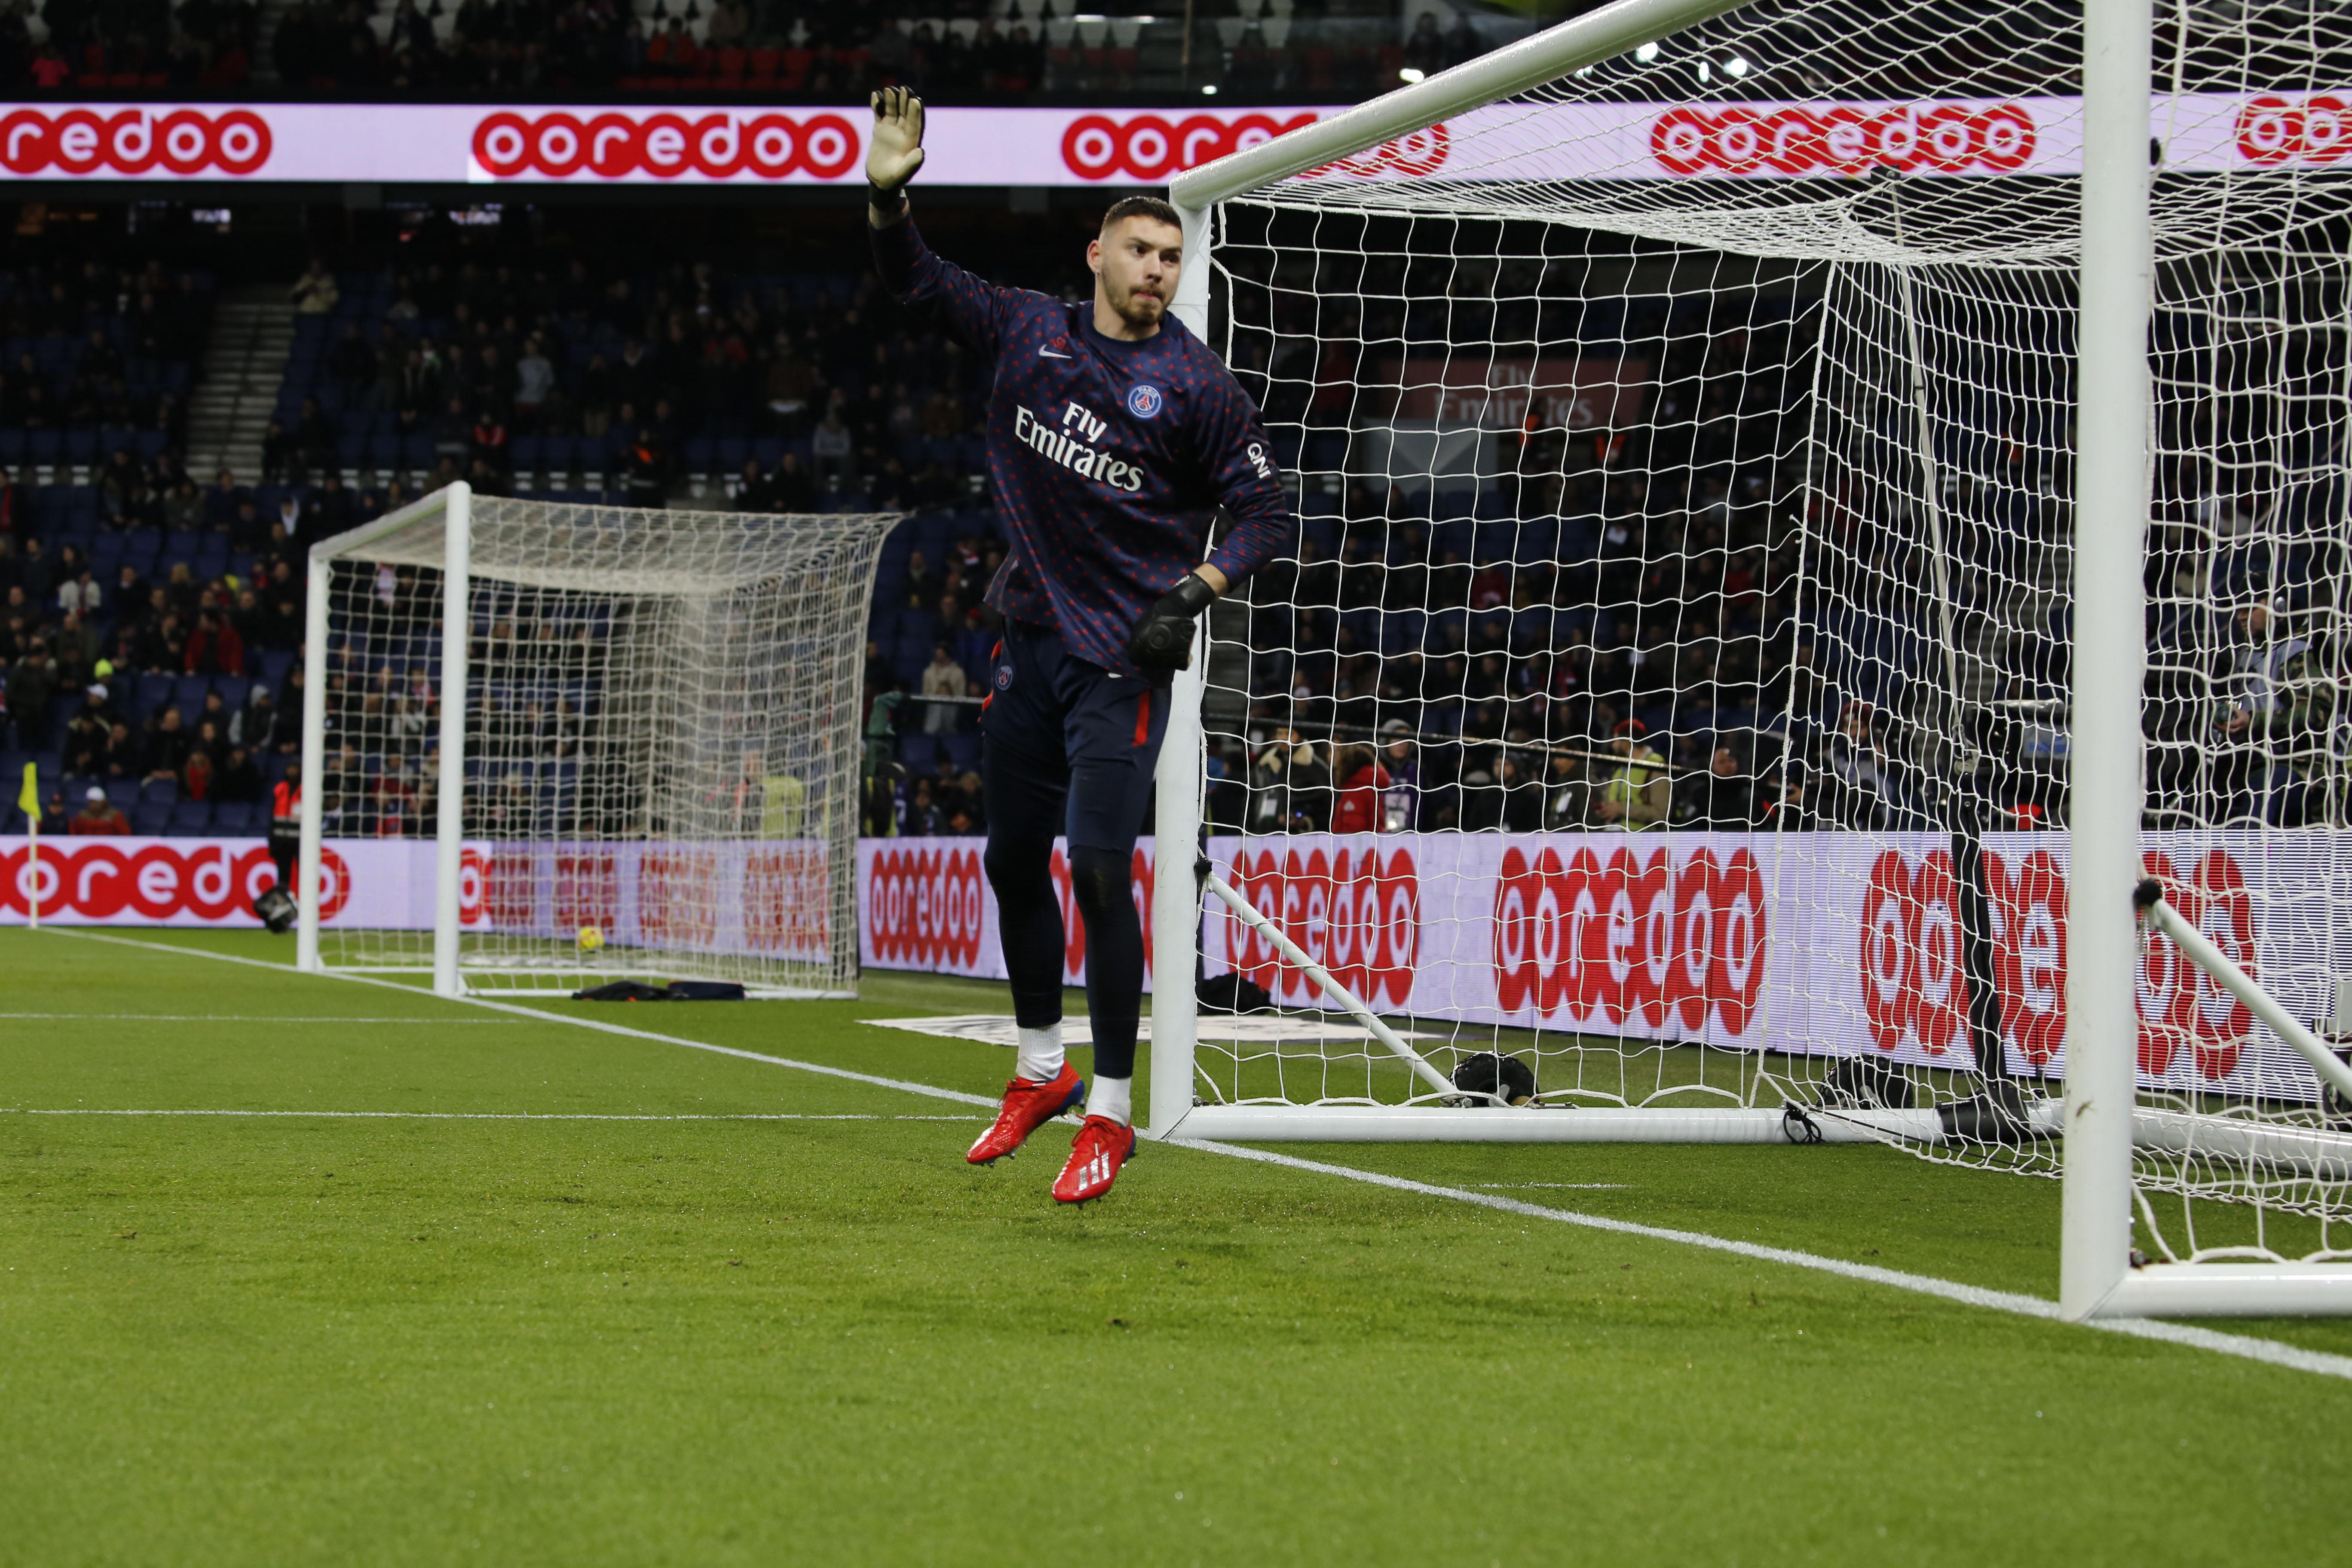 Sébastien Cibois gardien pendant le match PSG-OM le 17/03/2019